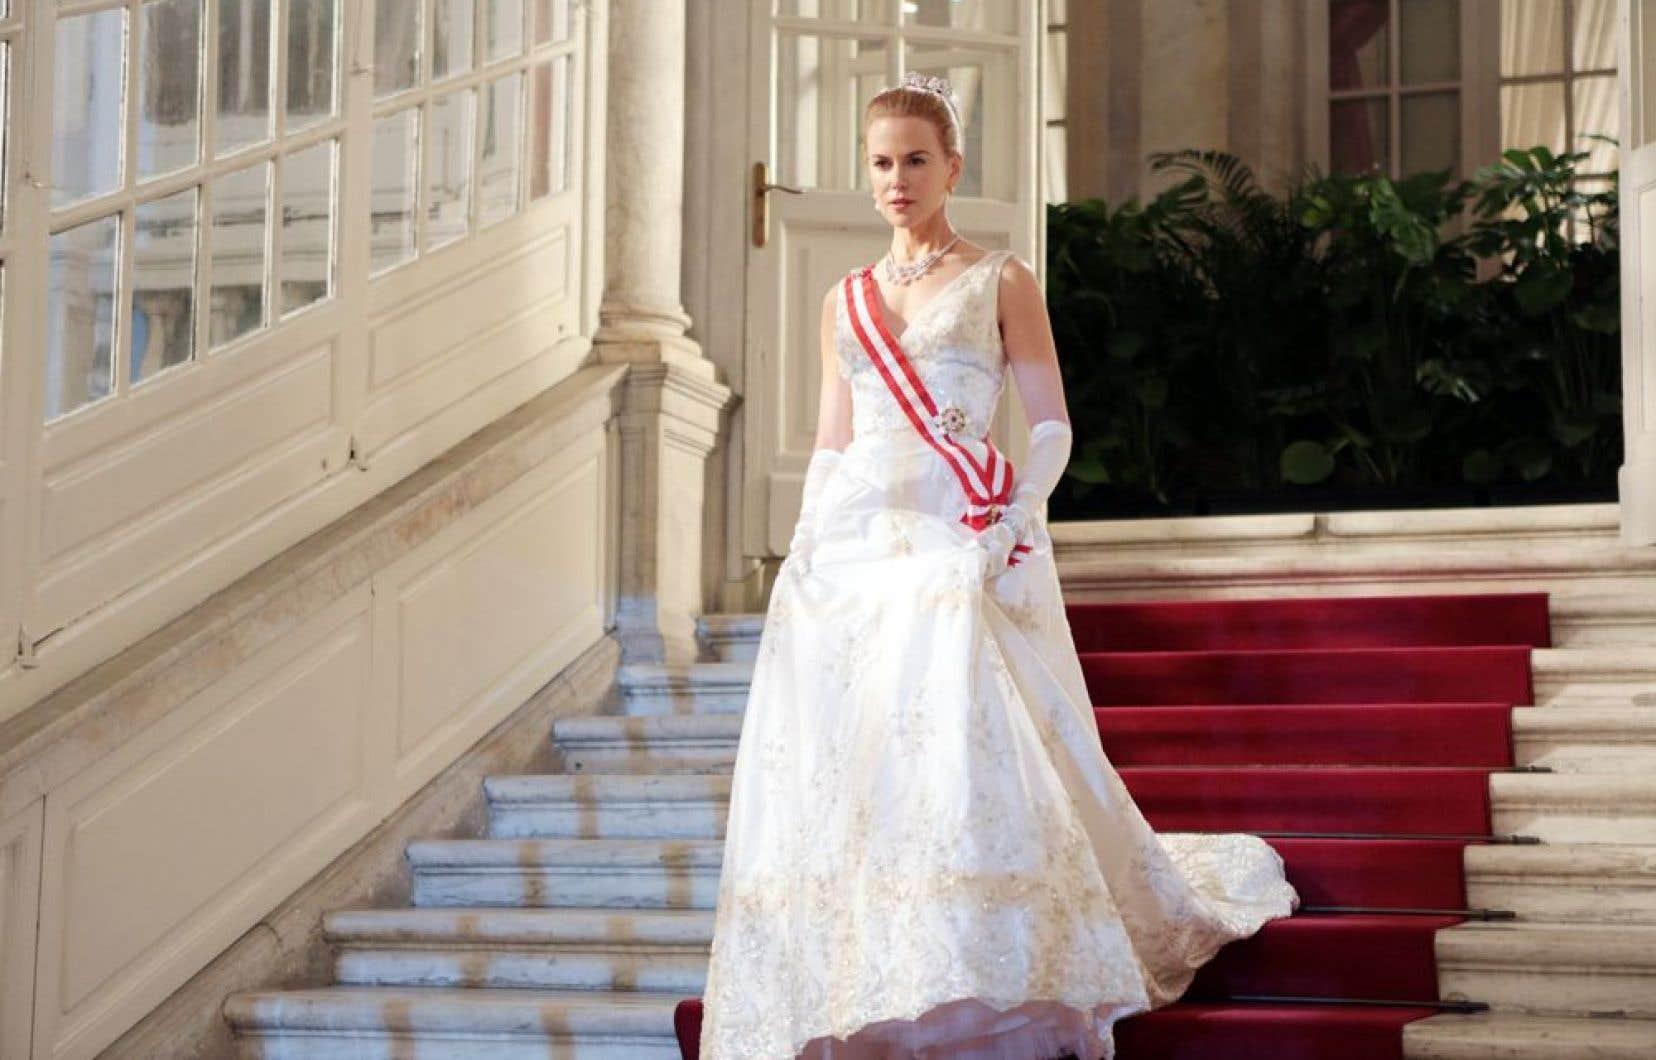 La star Nicole Kidman parade en apparats royaux, qui ajoutent au kitsch de l'ensemble.